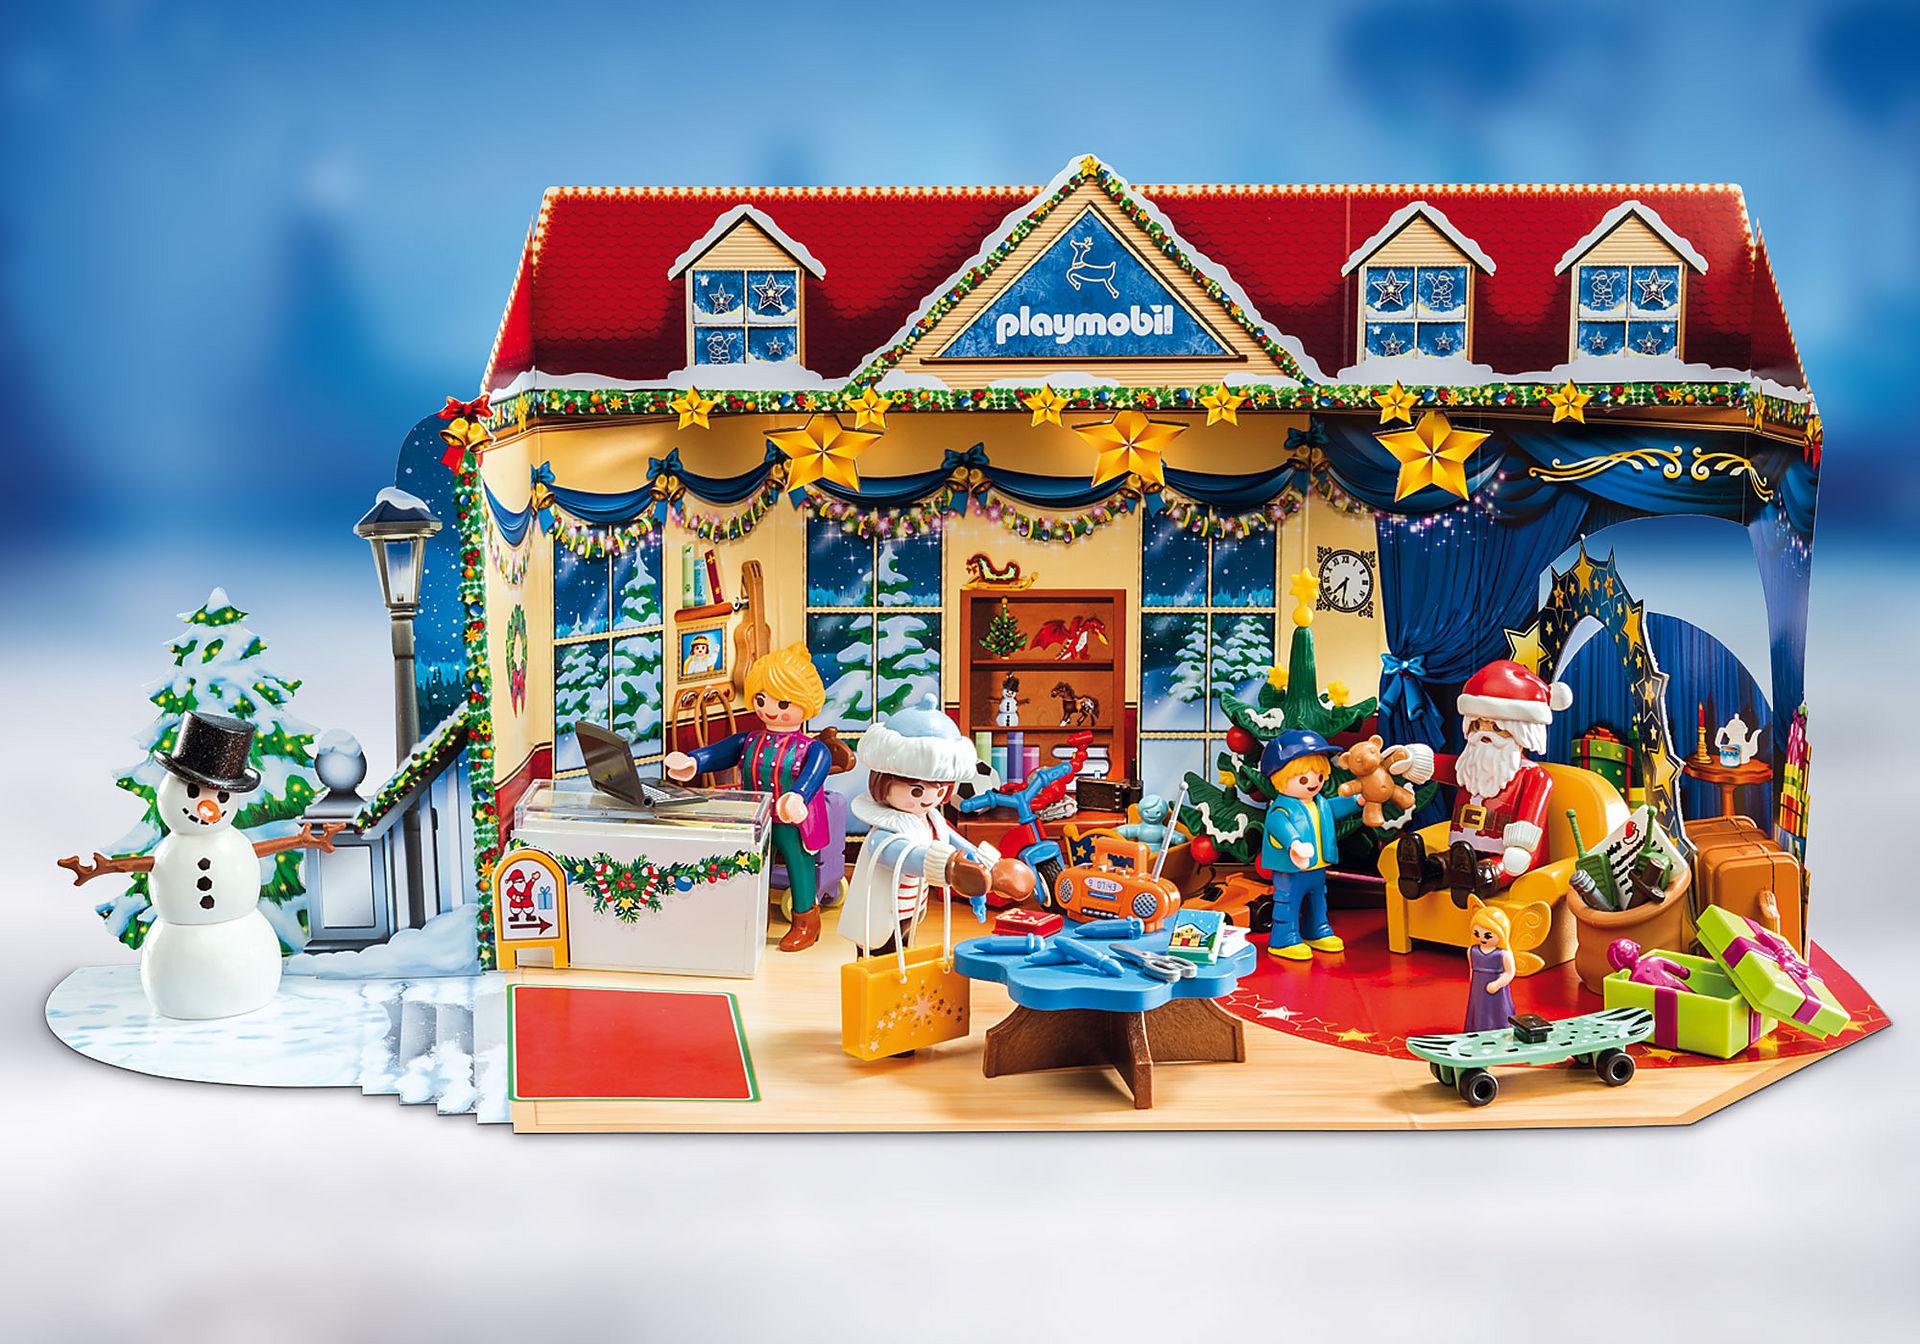 http://media.playmobil.com/i/playmobil/70188_product_extra2/Advent Calendar - Christmas Toy Store